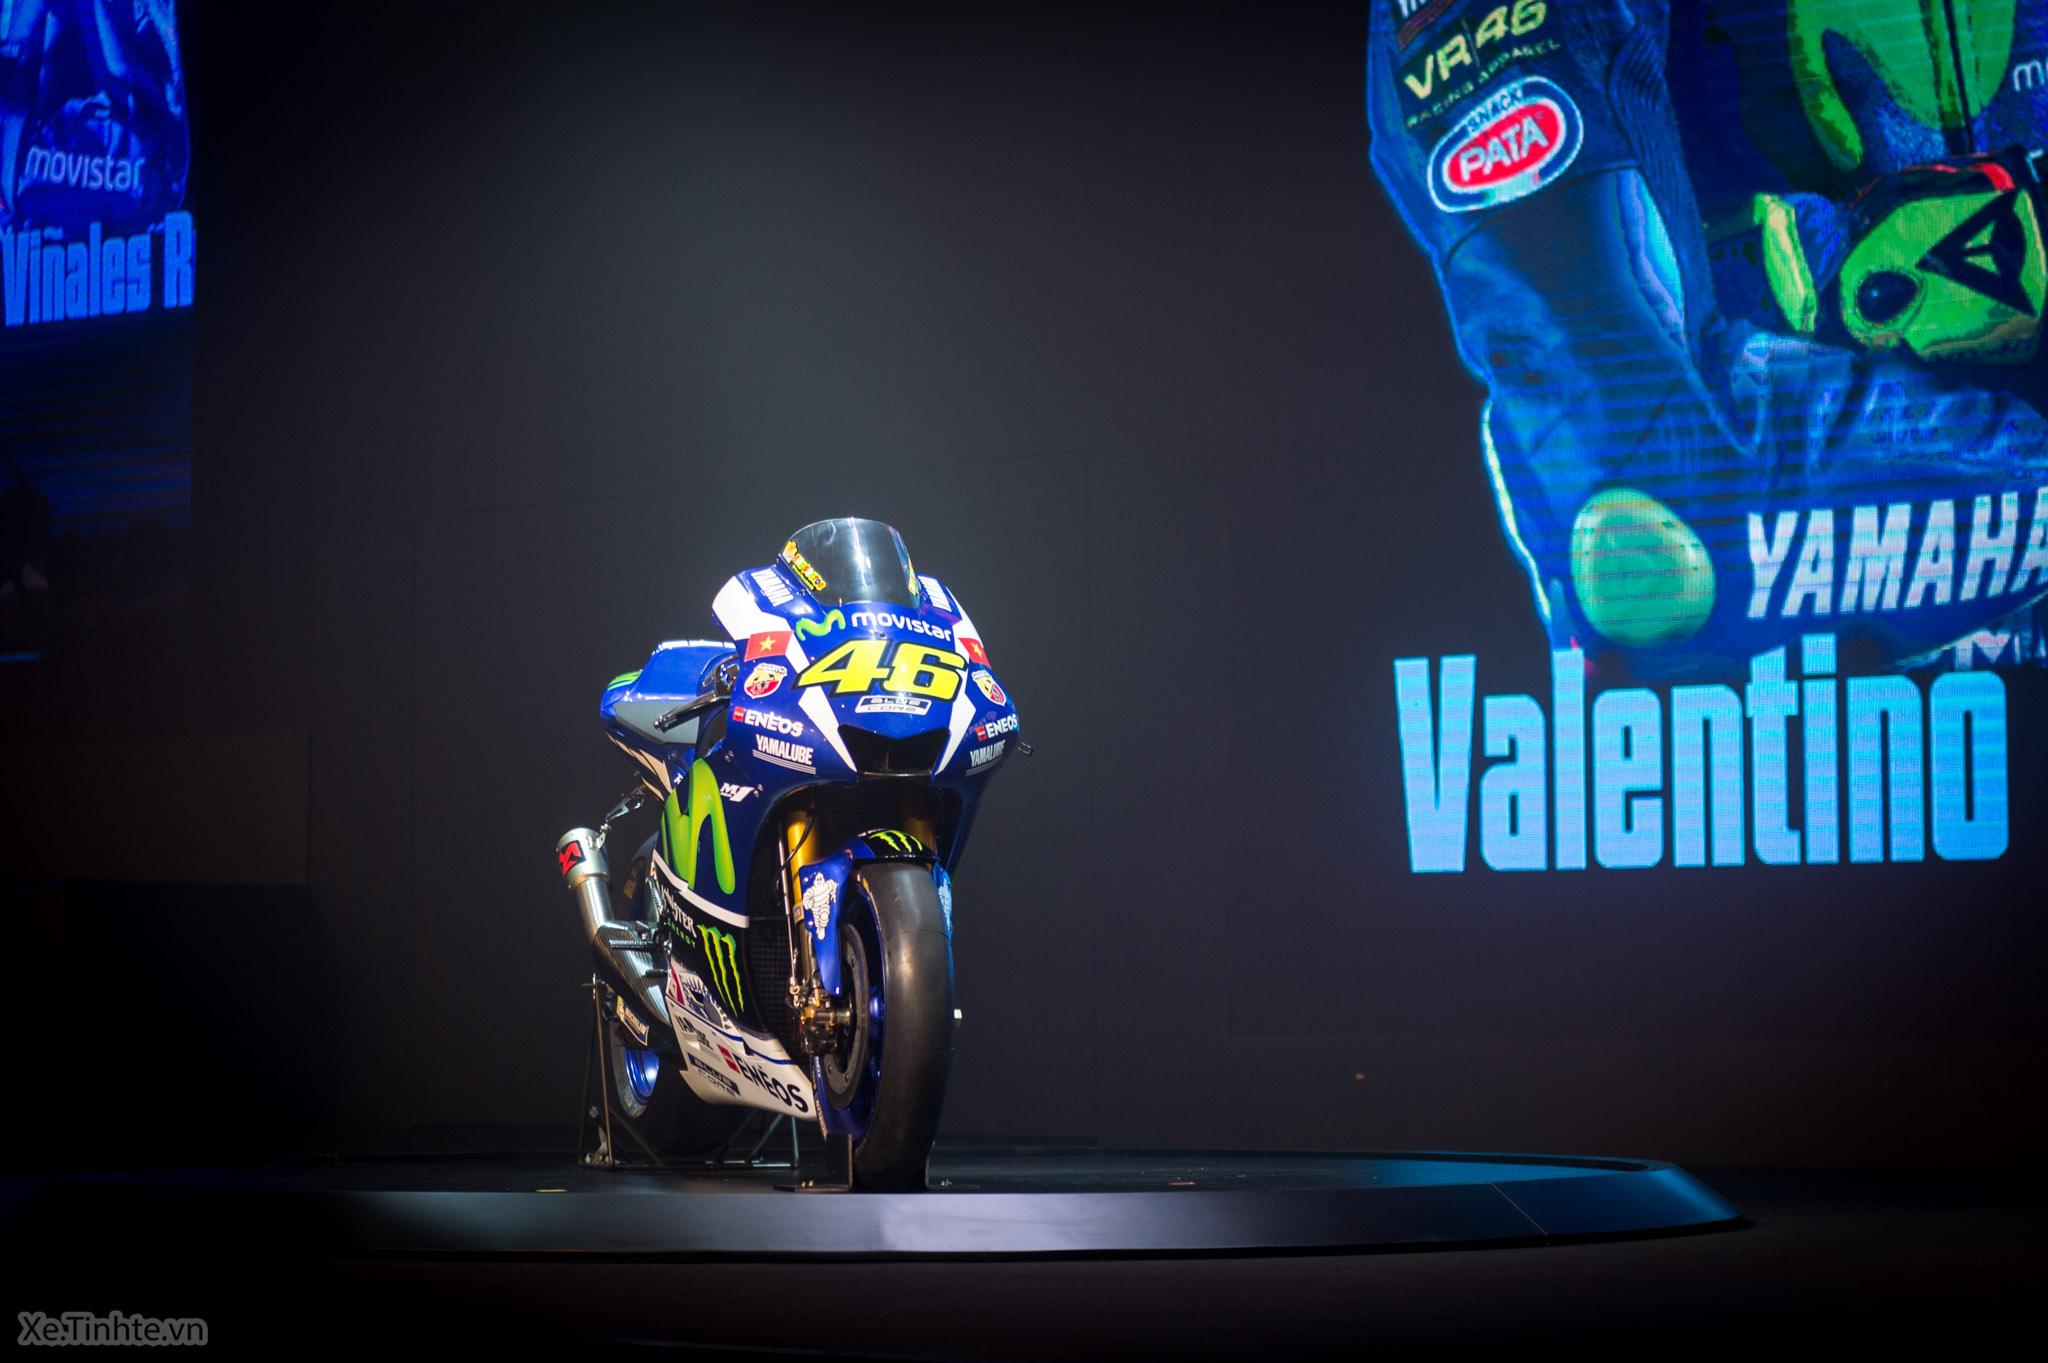 Xe.Tinhte.vn-Yamaha-Motor-Vietnam-MotoGP-3.jpg